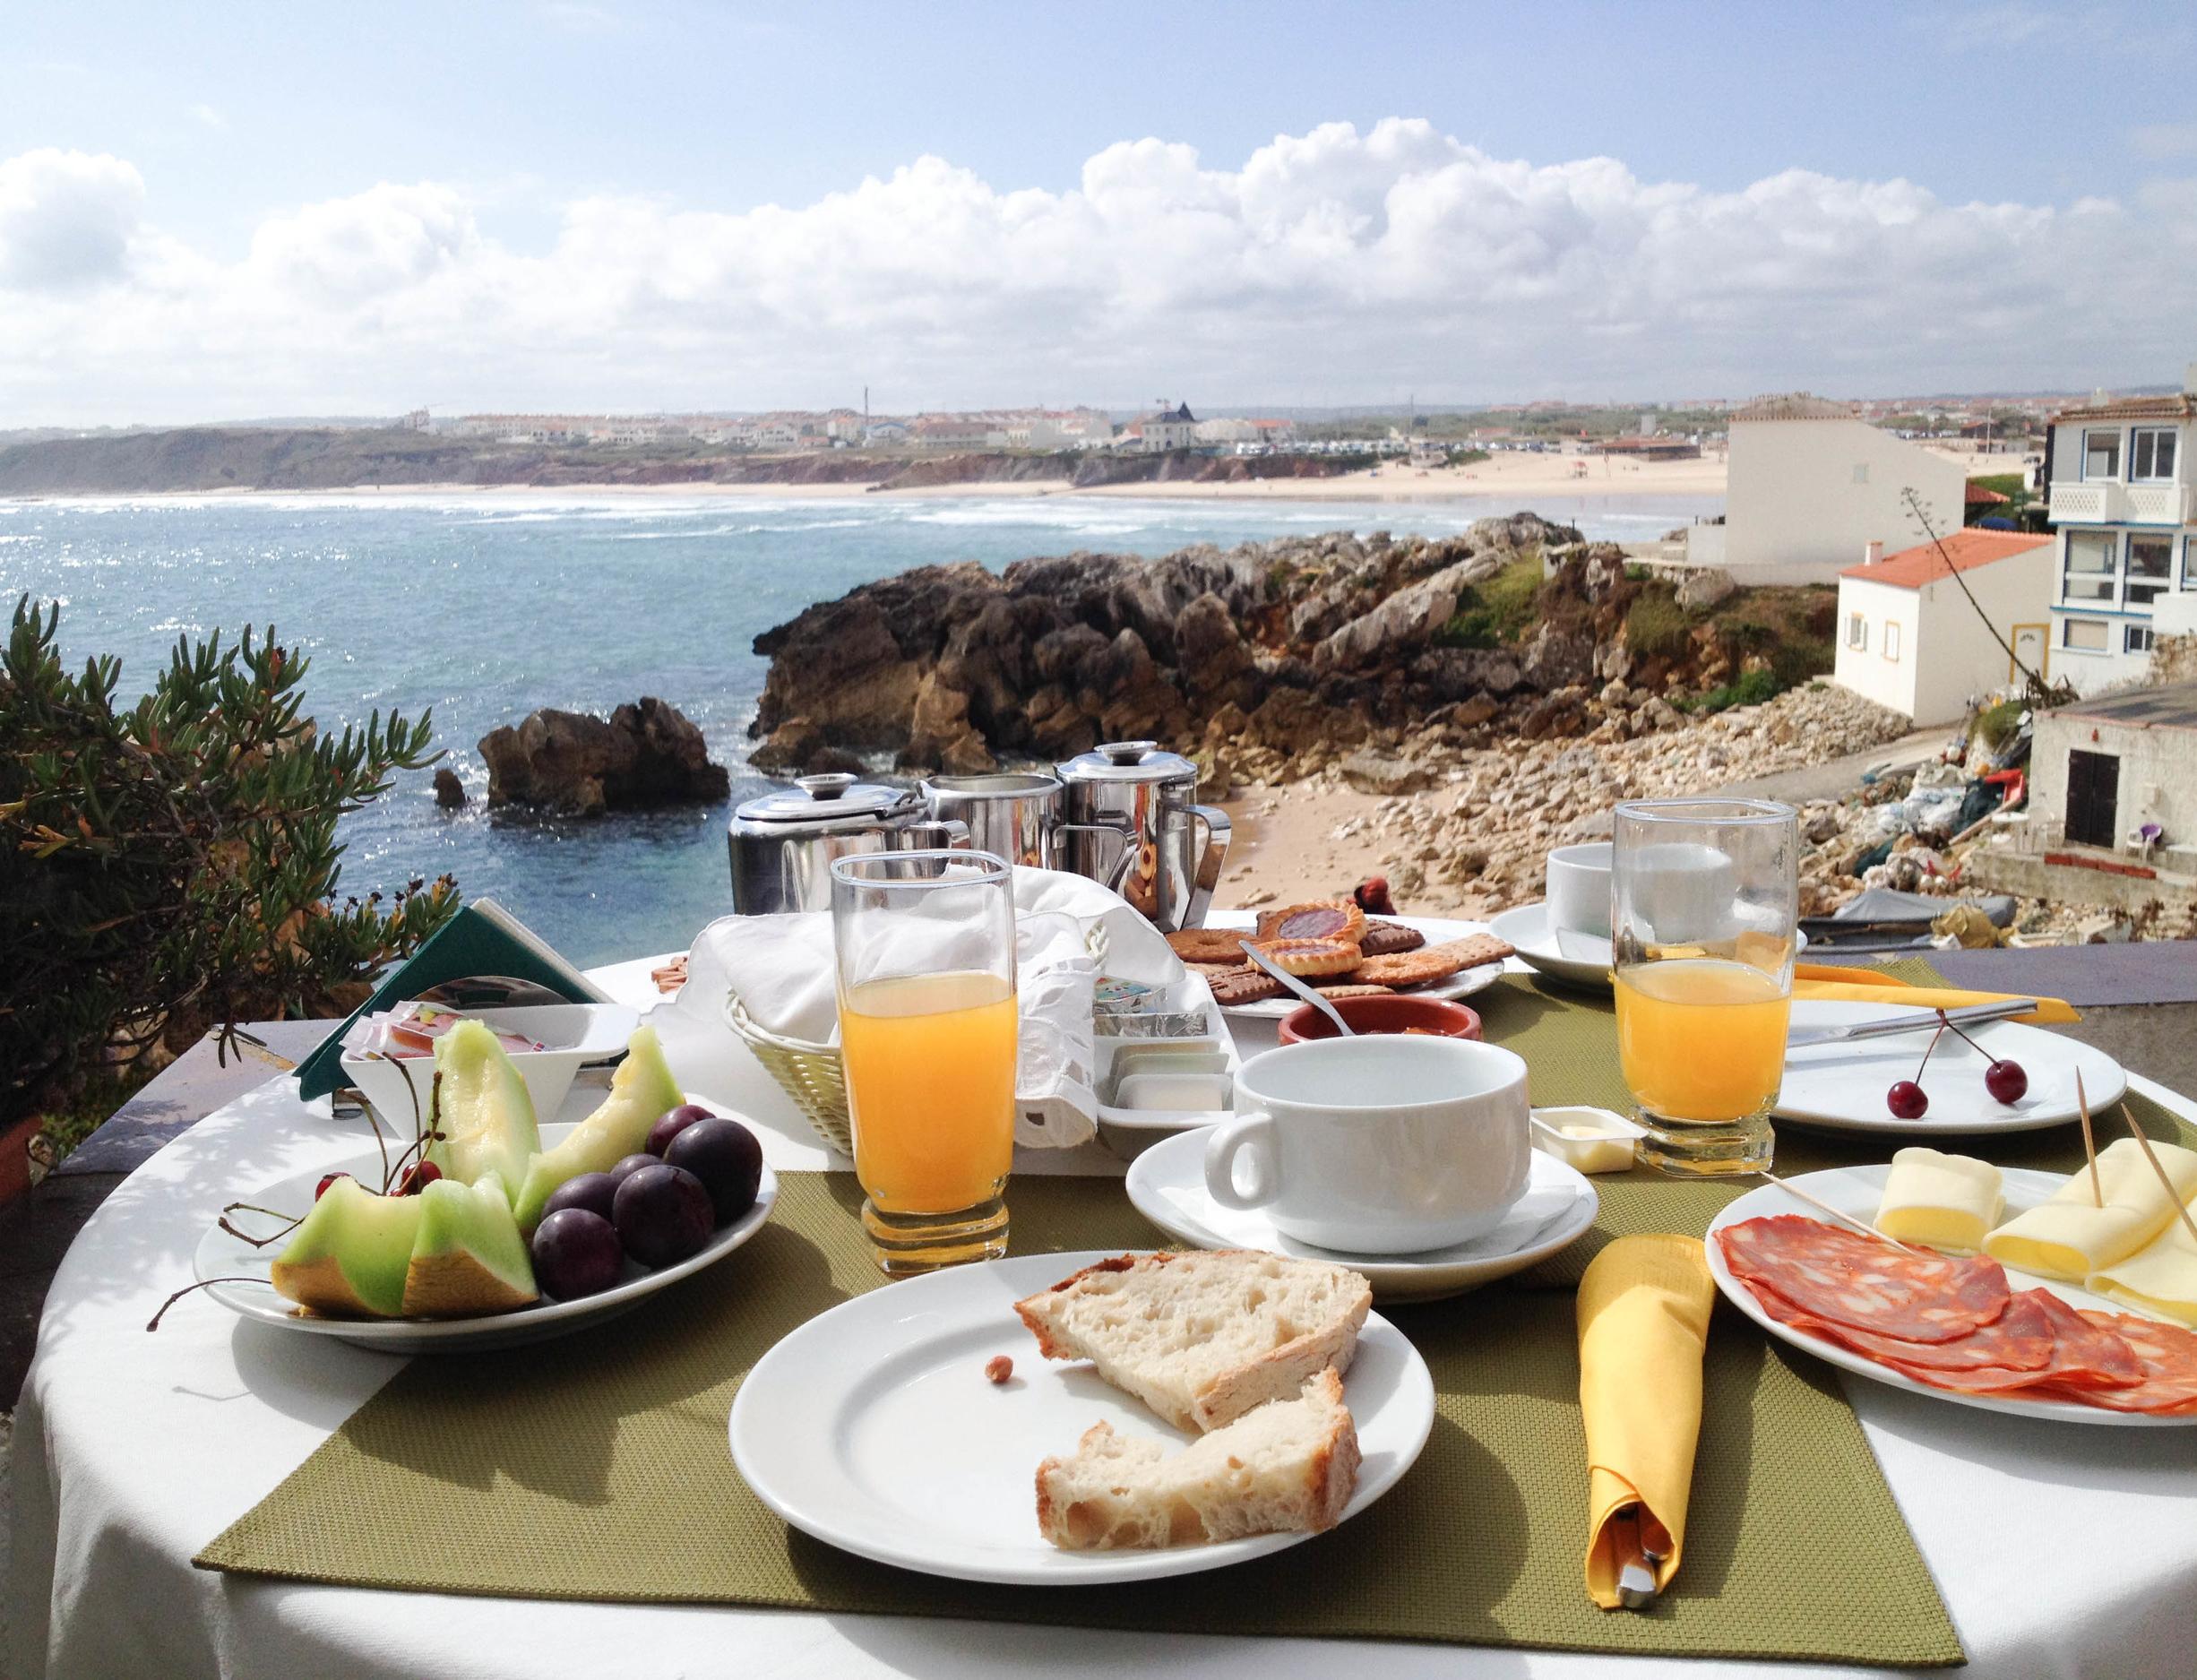 case das mare`s Baleal brekkie hello getaway cityguide portugal